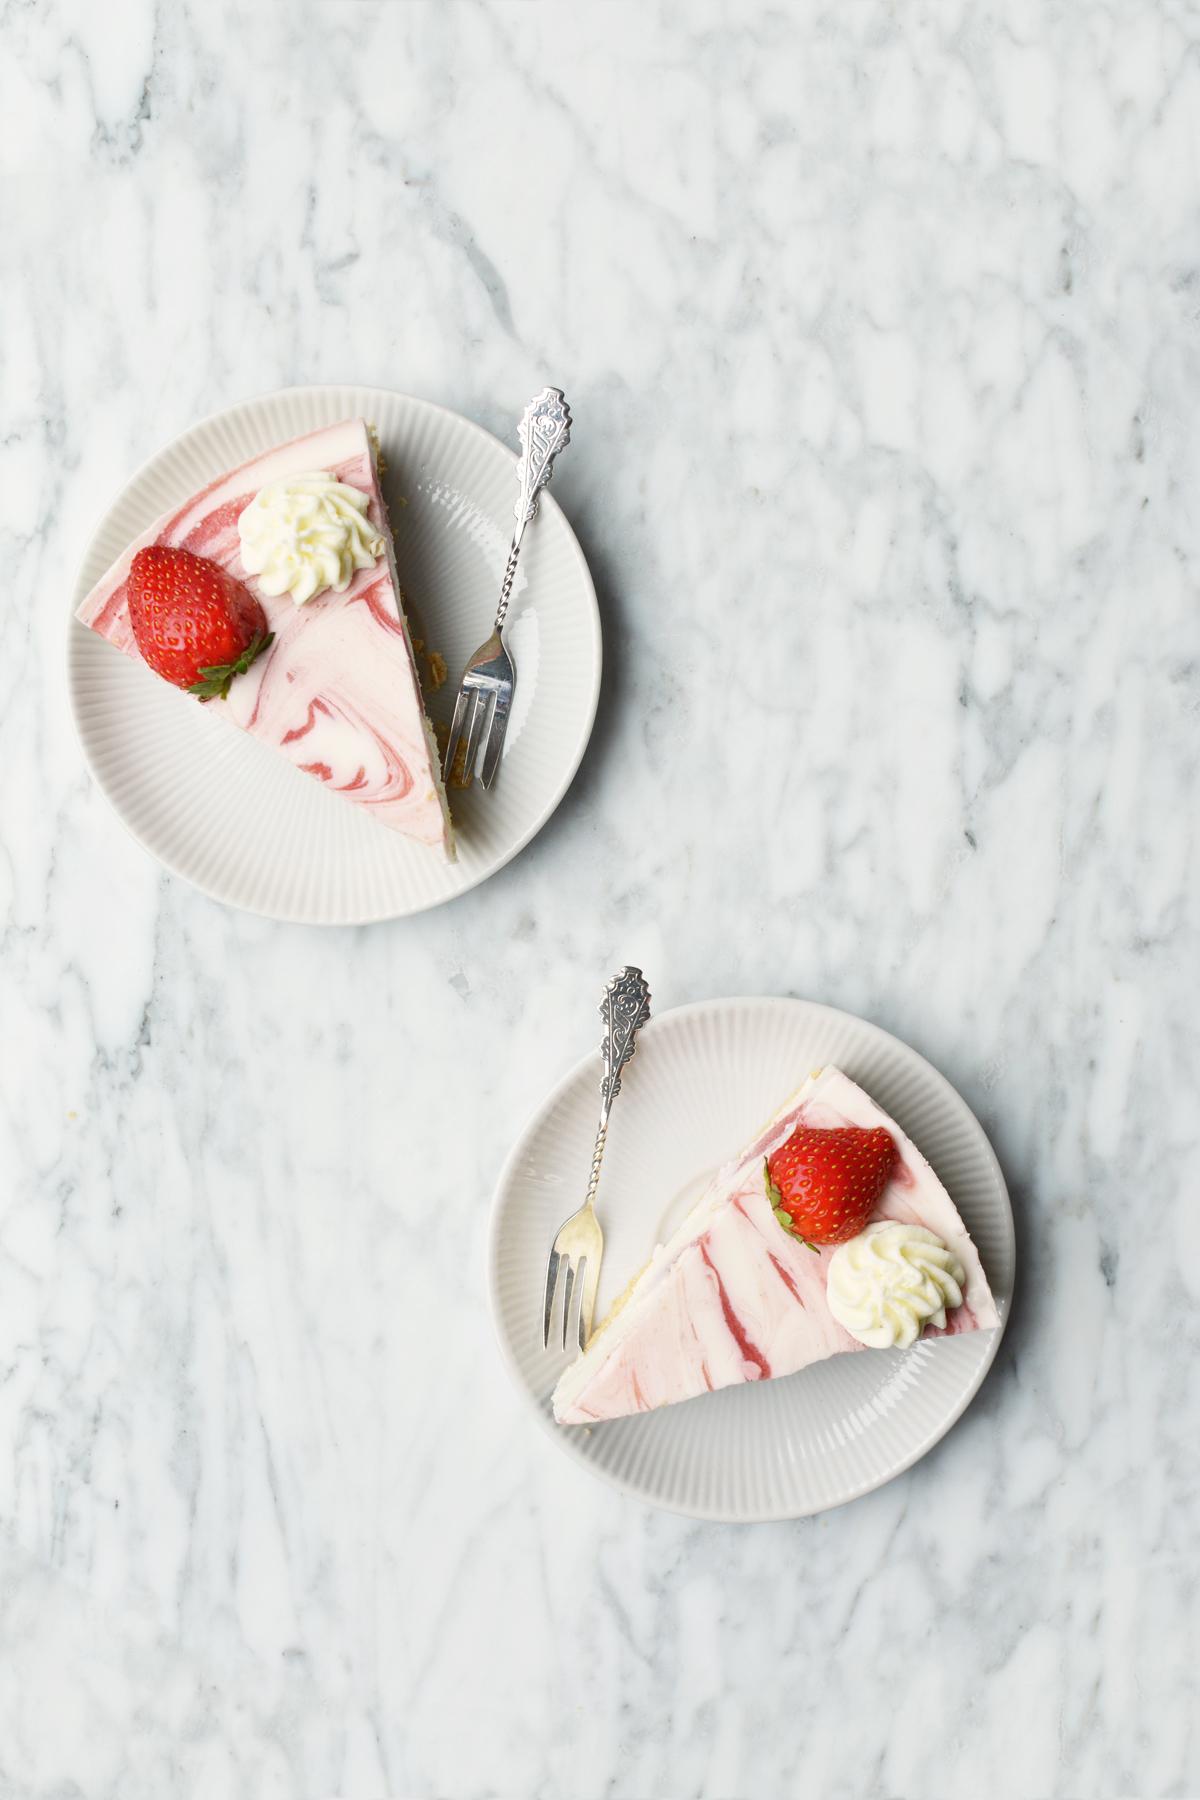 Aardbeien yoghurttaart 9.1.